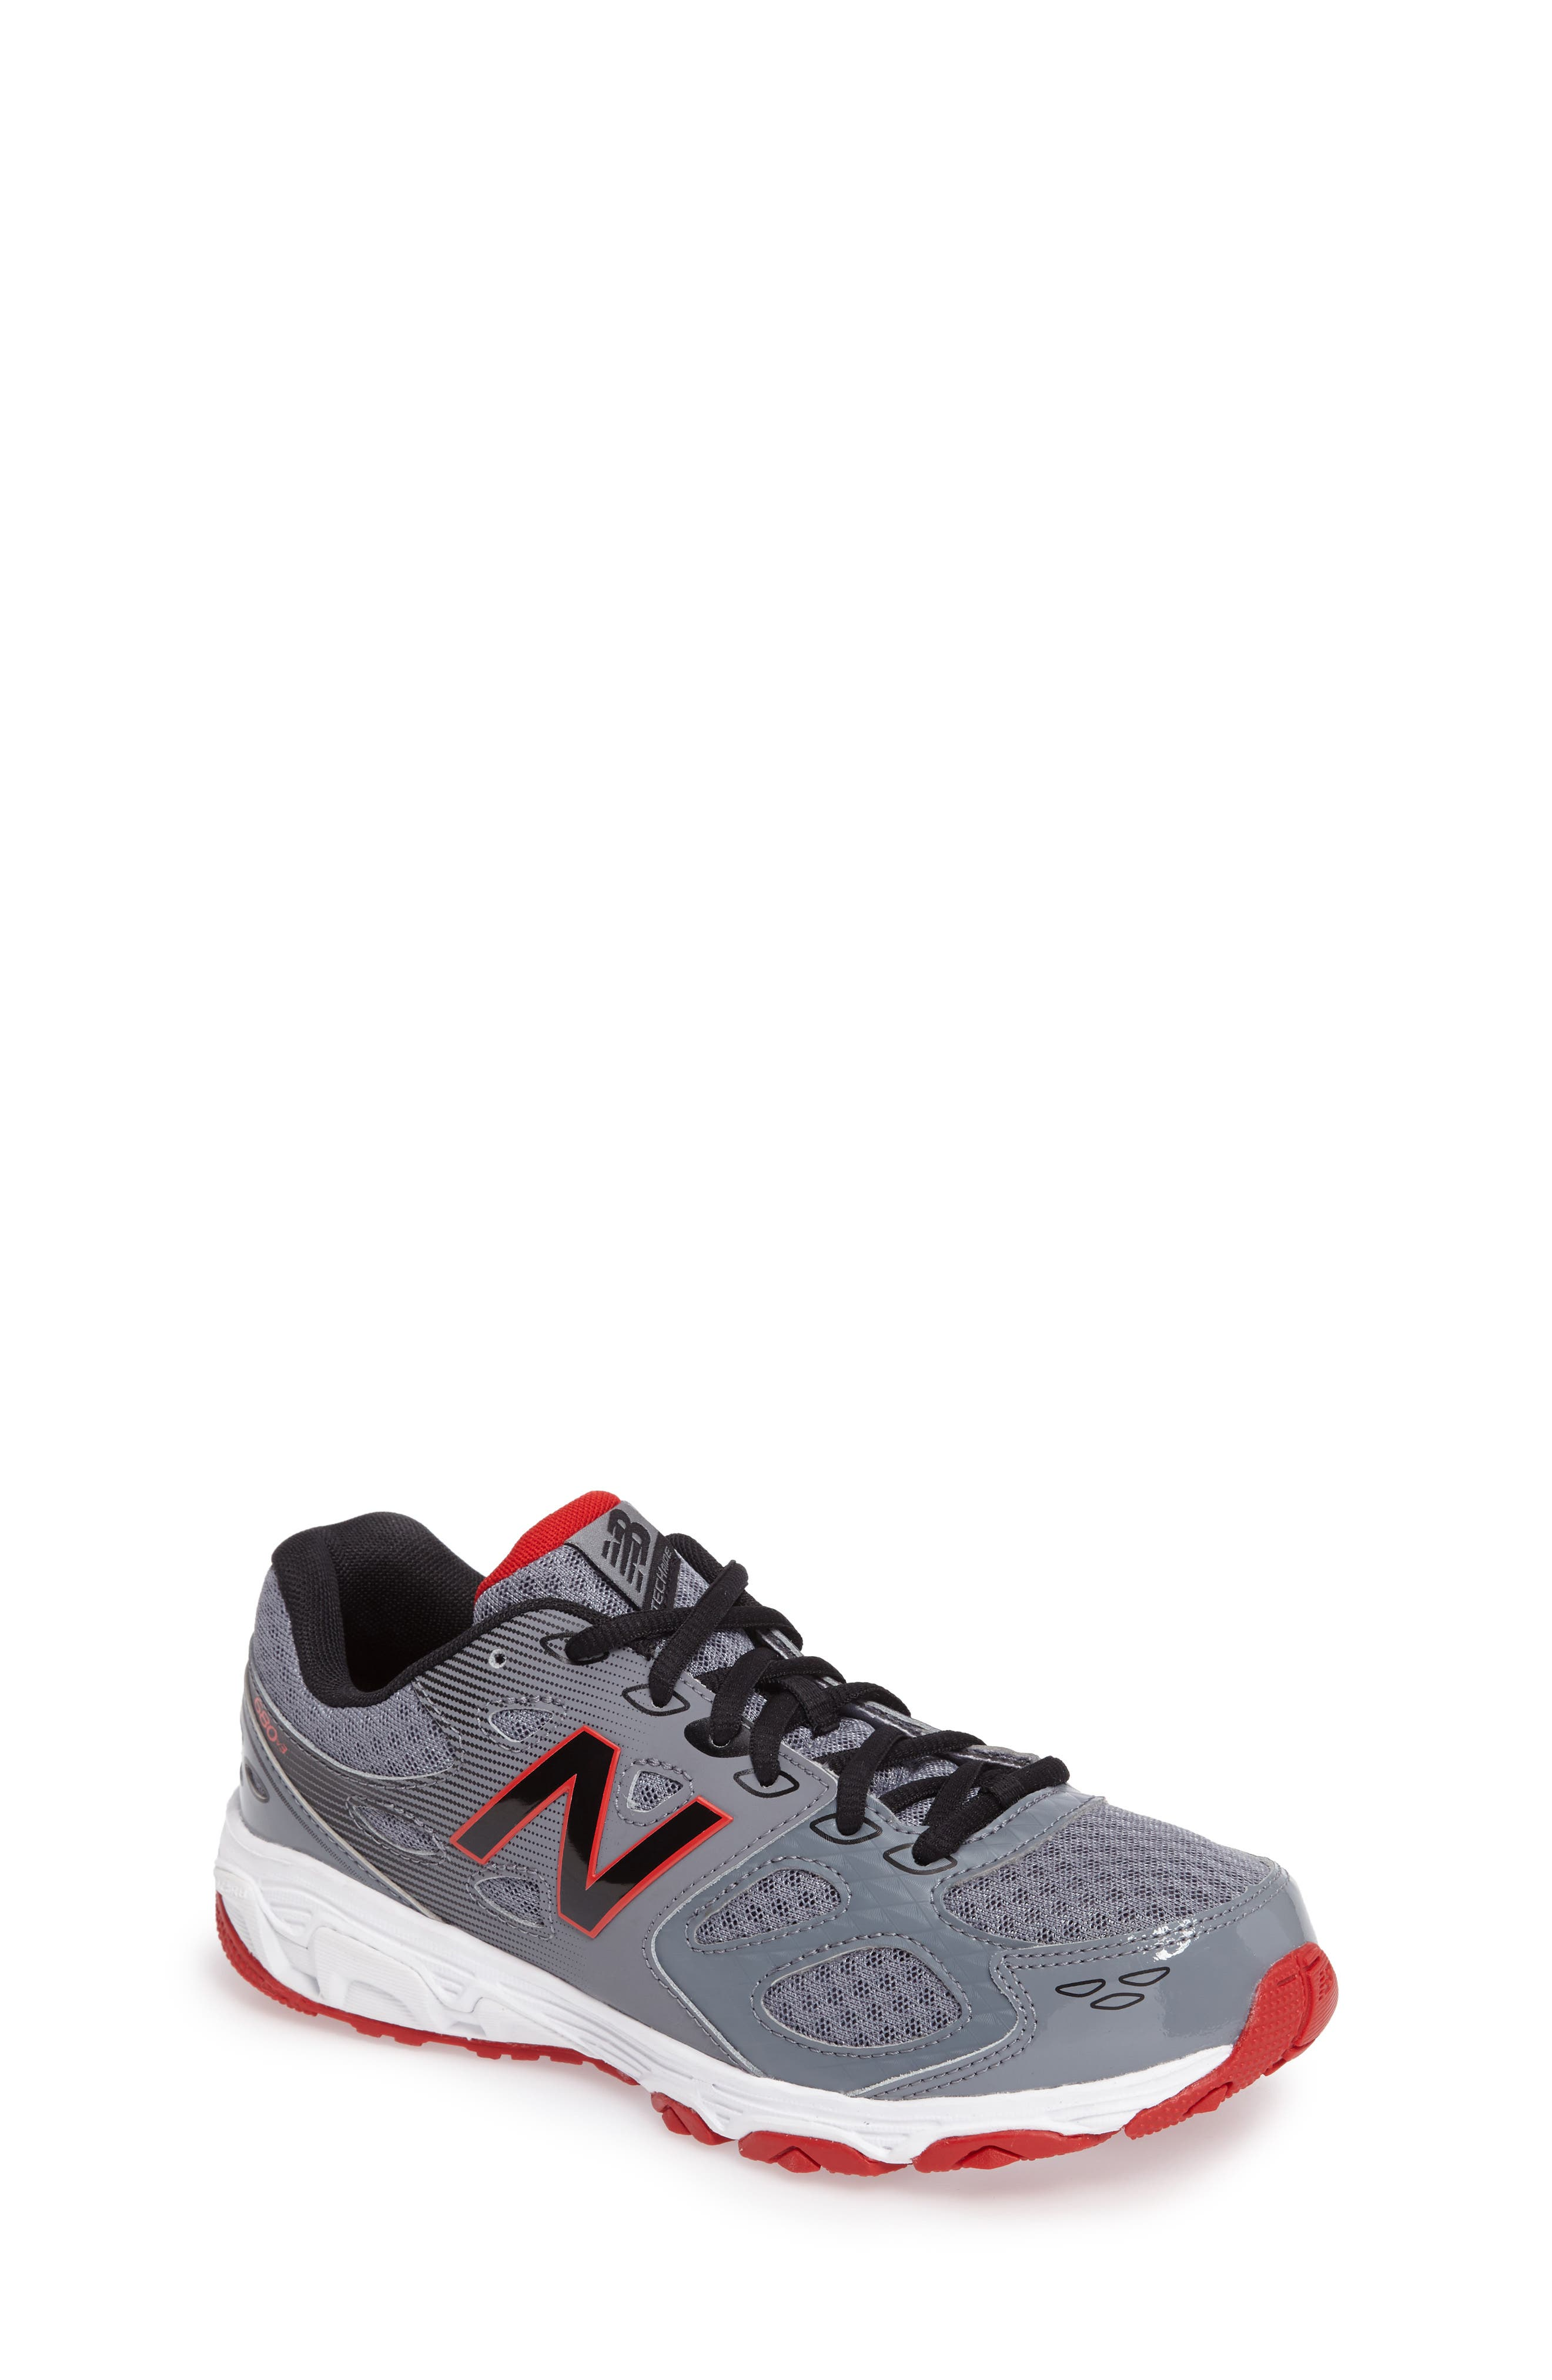 New Balance 680v3 Sneaker (Toddler, Little Kid & Big Kid)